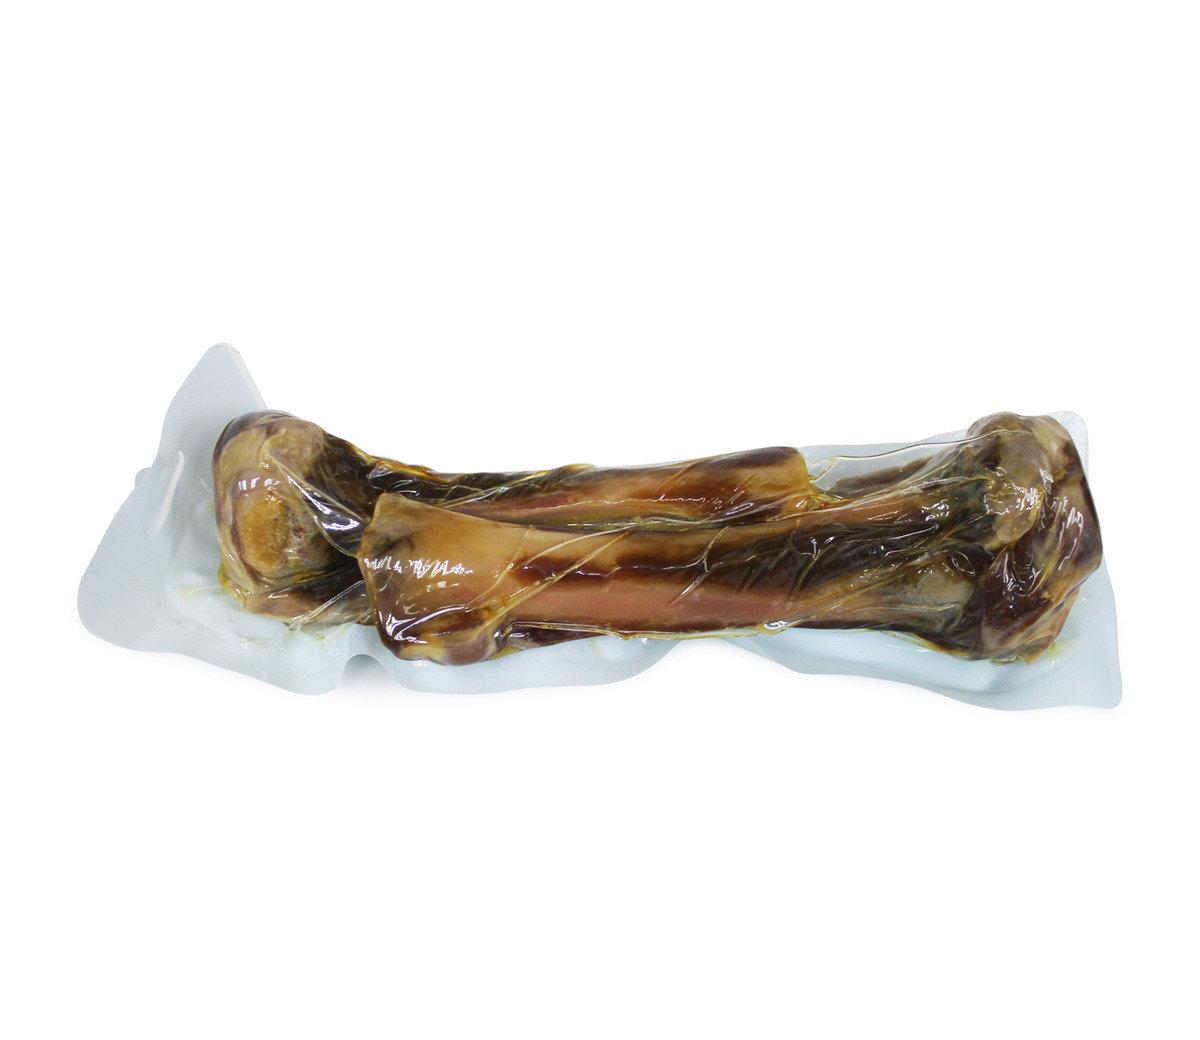 火腿豬骨(中脛骨)2's